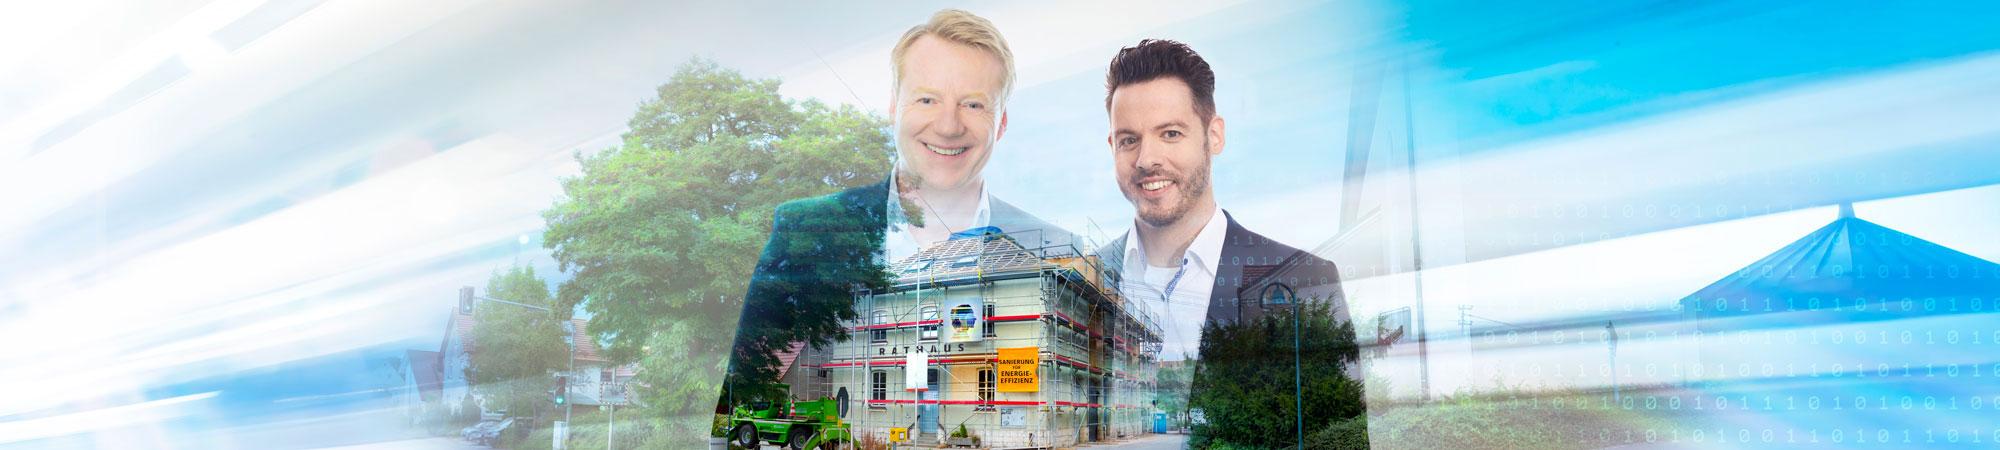 Liegenschafts- und Gebäudemanagement – Praxisnahe Lösung zur Unterstützung Ihrer Abläufe und Prozesse